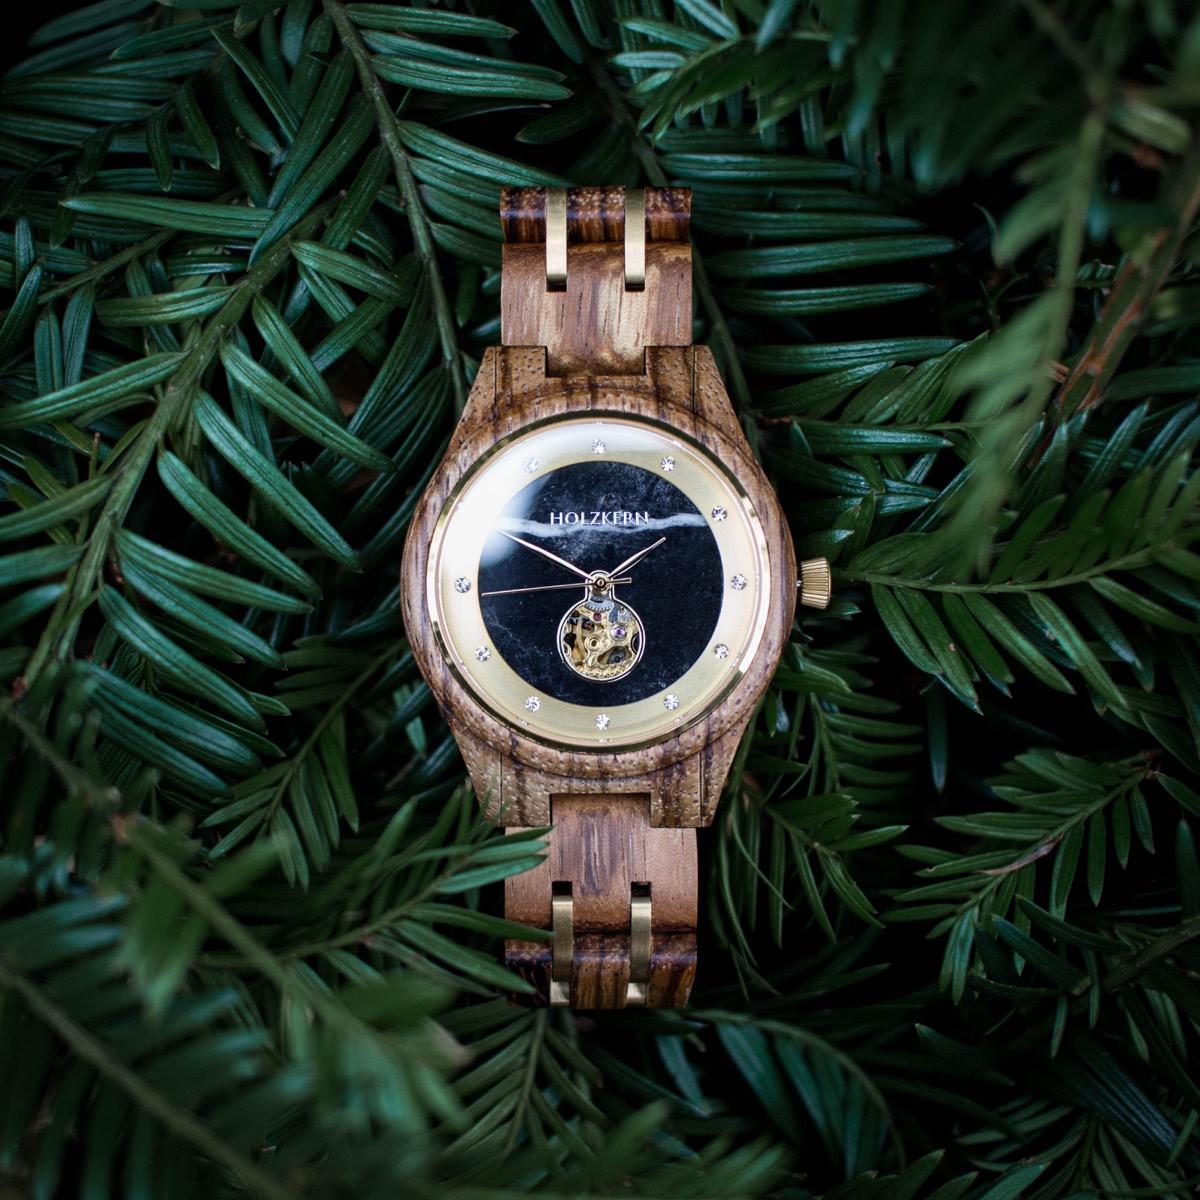 Holzkern Holzuhr Rapunzel für Damen mit Ziffernblatt aus schwarzem Marmor, Zebranoholz und Automatik-Uhrwerk liegt auf Tannenzweigen